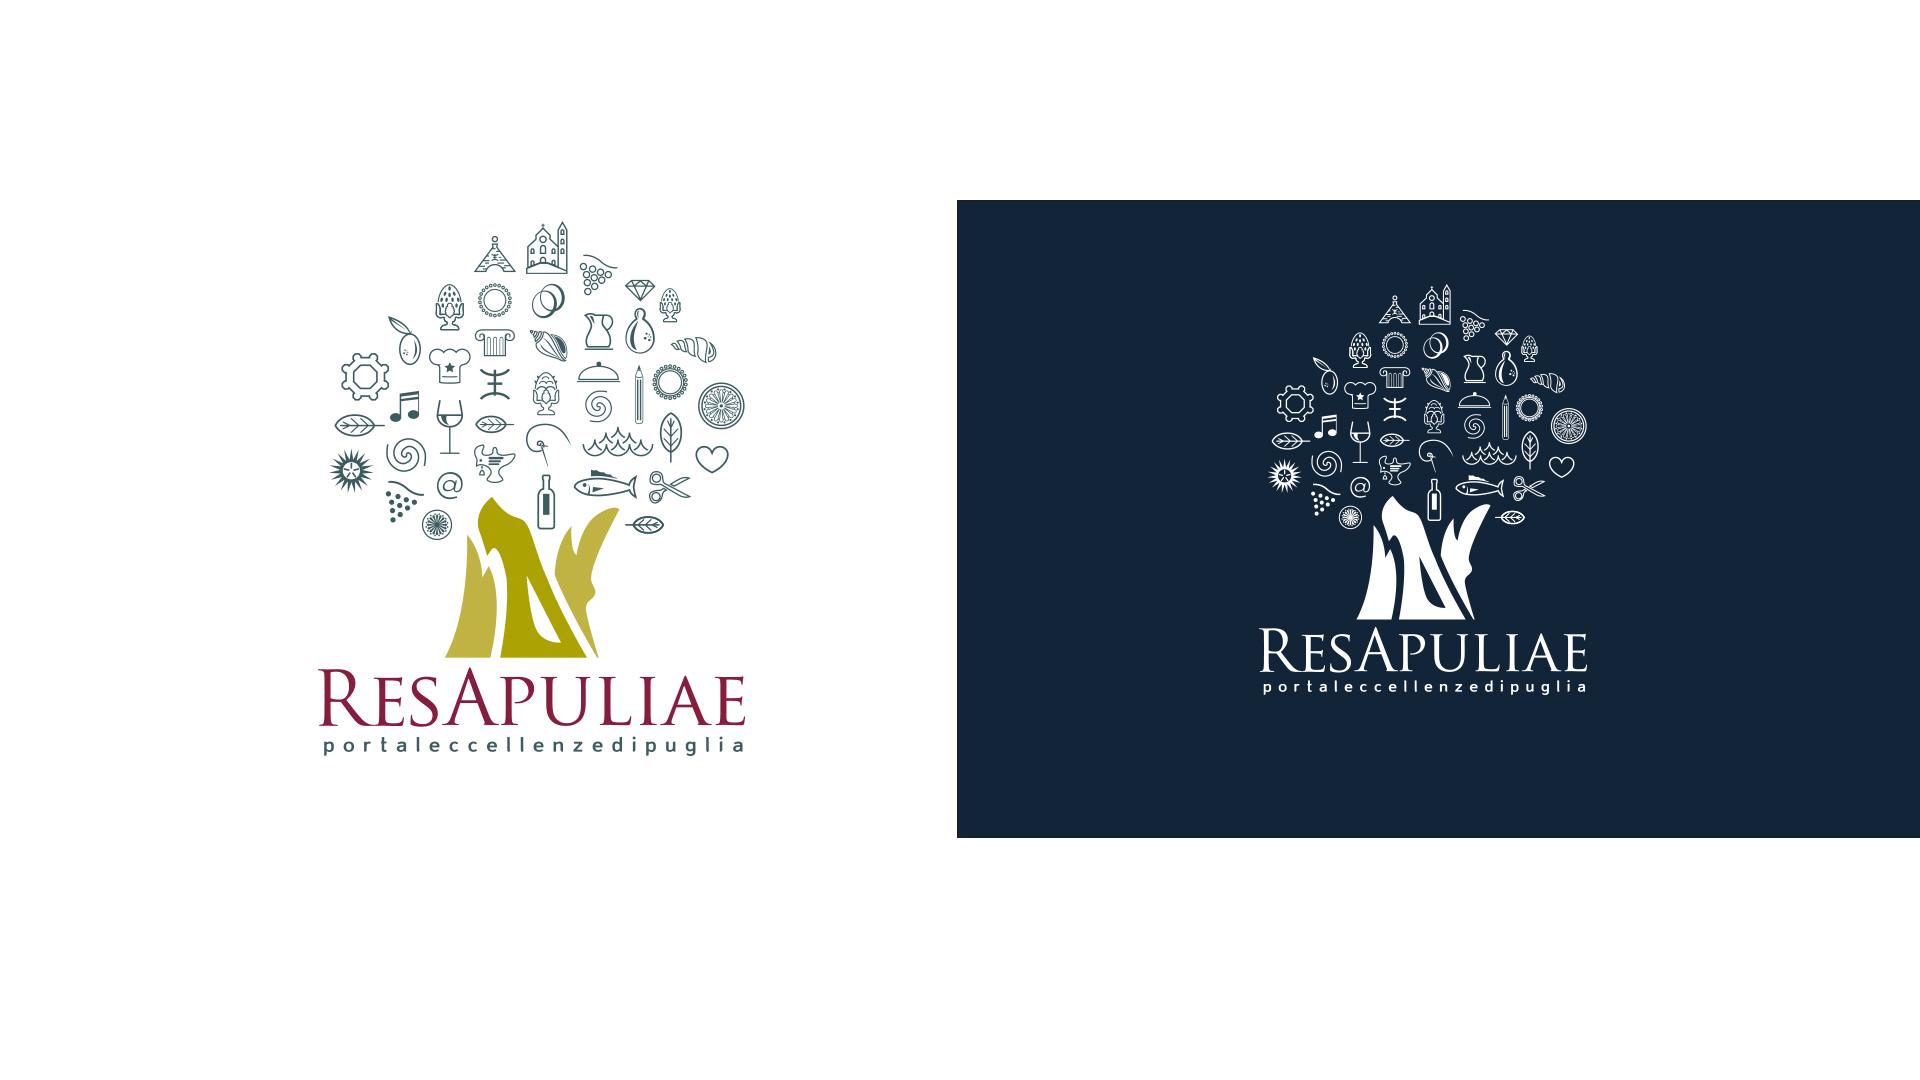 002_resapuliae